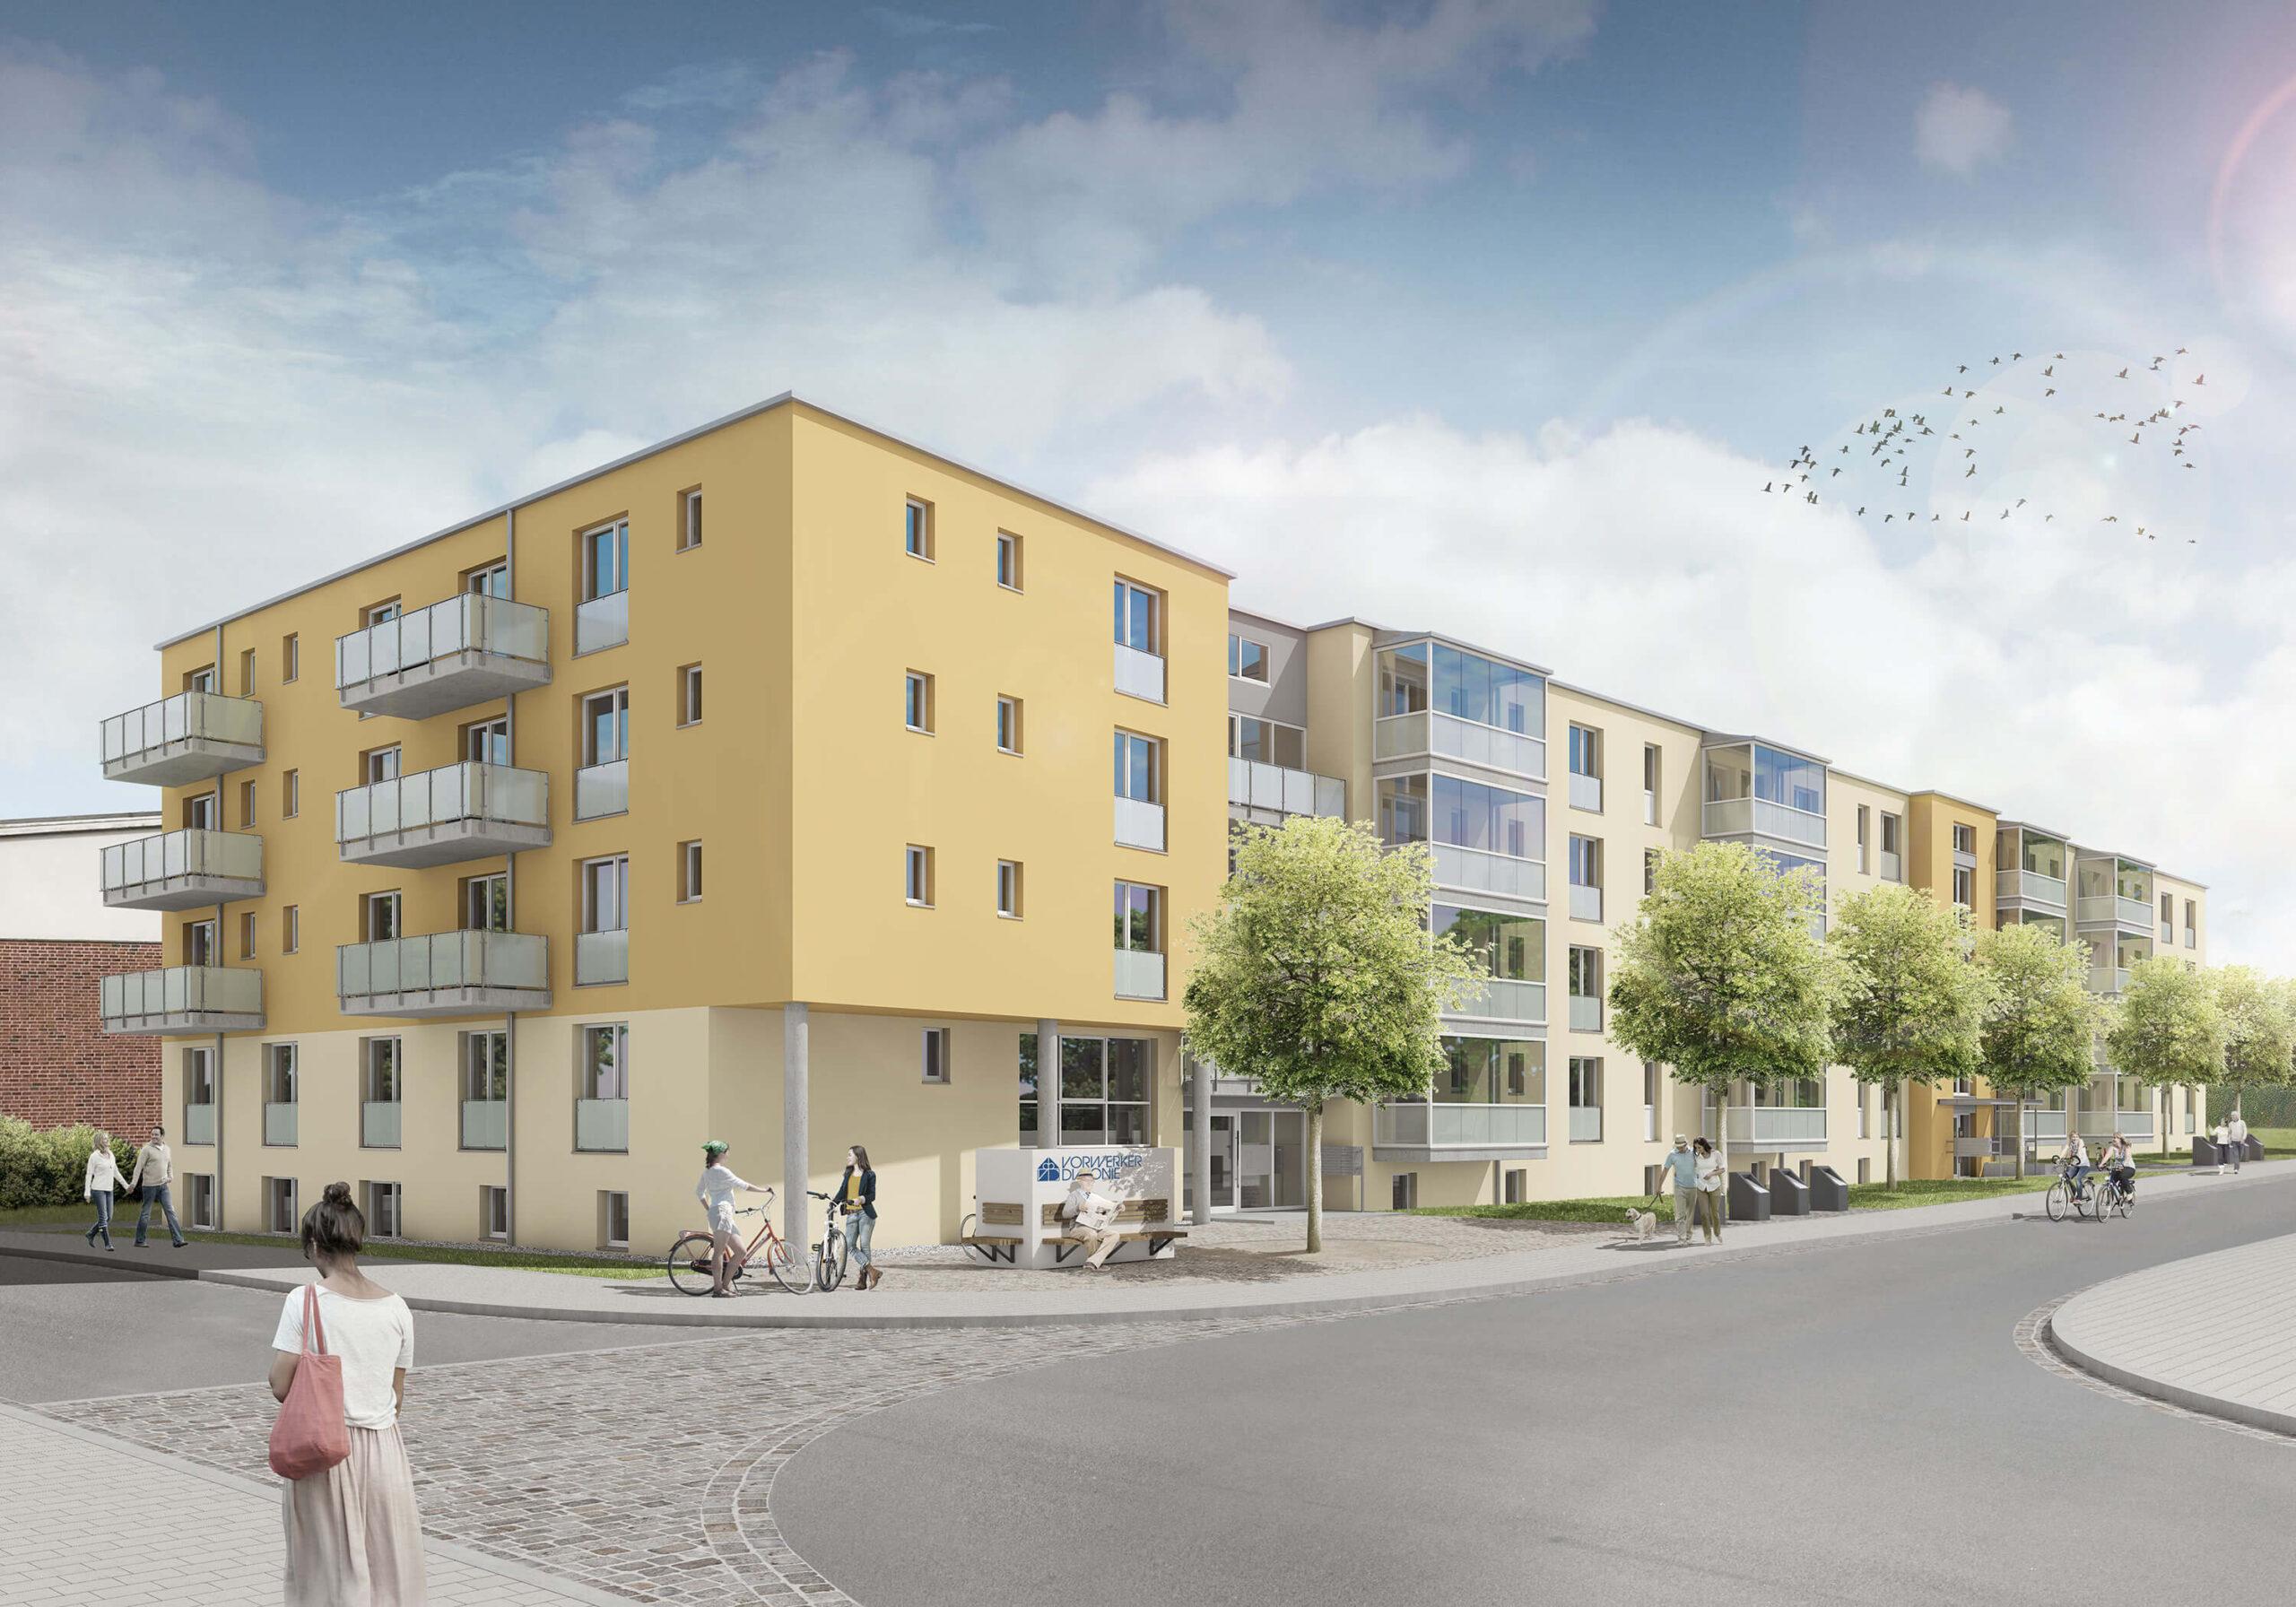 Ansicht des Mehrfamilienhaus in der Maria-Mitchel-Straße 1+3 in Lübeck - Planung Heizung & Sanitär für den Neubau vom Ingenieurbüo Rüdiger aus Rostock